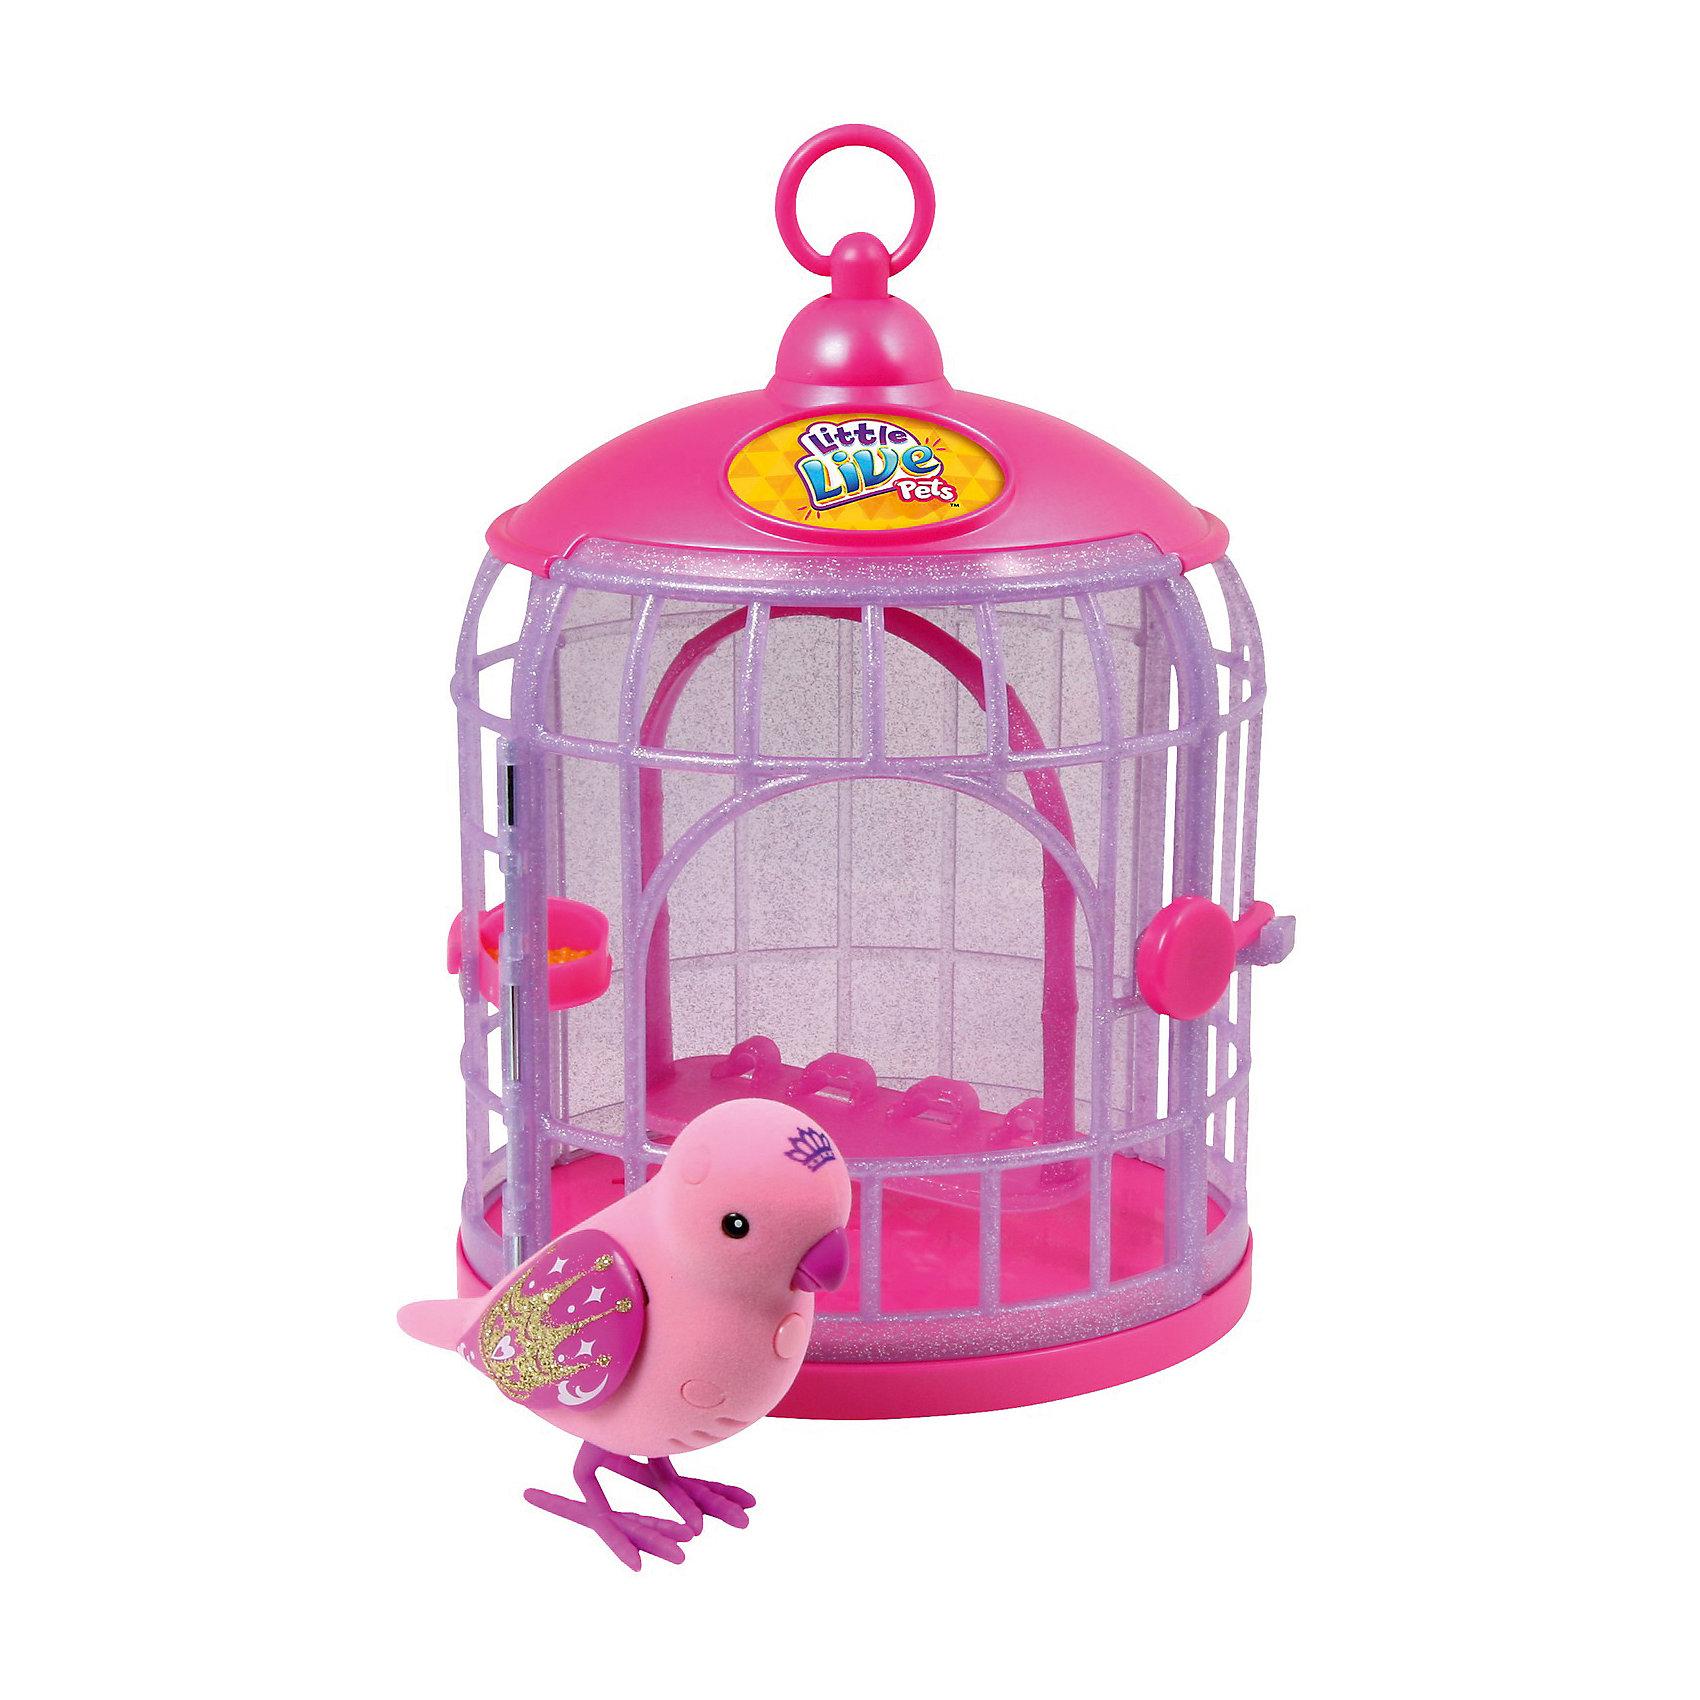 Говорящая птичка Принцесса, Little Live PetsГоворящие птички Little Live Pets в стильных клетках смогут не только украсить комнату, но и поднять настроение любому ребенку. Эти интерактивные питомцы умеют чирикать песенки и повторят фразы, сказанные их хозяином. Птички приятны на ощупь. Они реагируют на любое прикосновение.<br><br>Дополнительная информация:<br><br>Клетка имеет мерцающую поверхность, поэтому еще больше радует глаз.<br>Внимание! Для работы птички понадобятся две батарейки типа ААА. В комплект включены лишь тестовые батарейки.<br>Материал: пластик, флок.<br>Размер игрушки: 11.1 x 7.5 x 6 см.<br><br><br>Говорящую птичку Принцессу, Little Live Pets  можно купить в нашем магазине.<br><br>Ширина мм: 189<br>Глубина мм: 150<br>Высота мм: 290<br>Вес г: 430<br>Возраст от месяцев: 36<br>Возраст до месяцев: 108<br>Пол: Унисекс<br>Возраст: Детский<br>SKU: 4324837